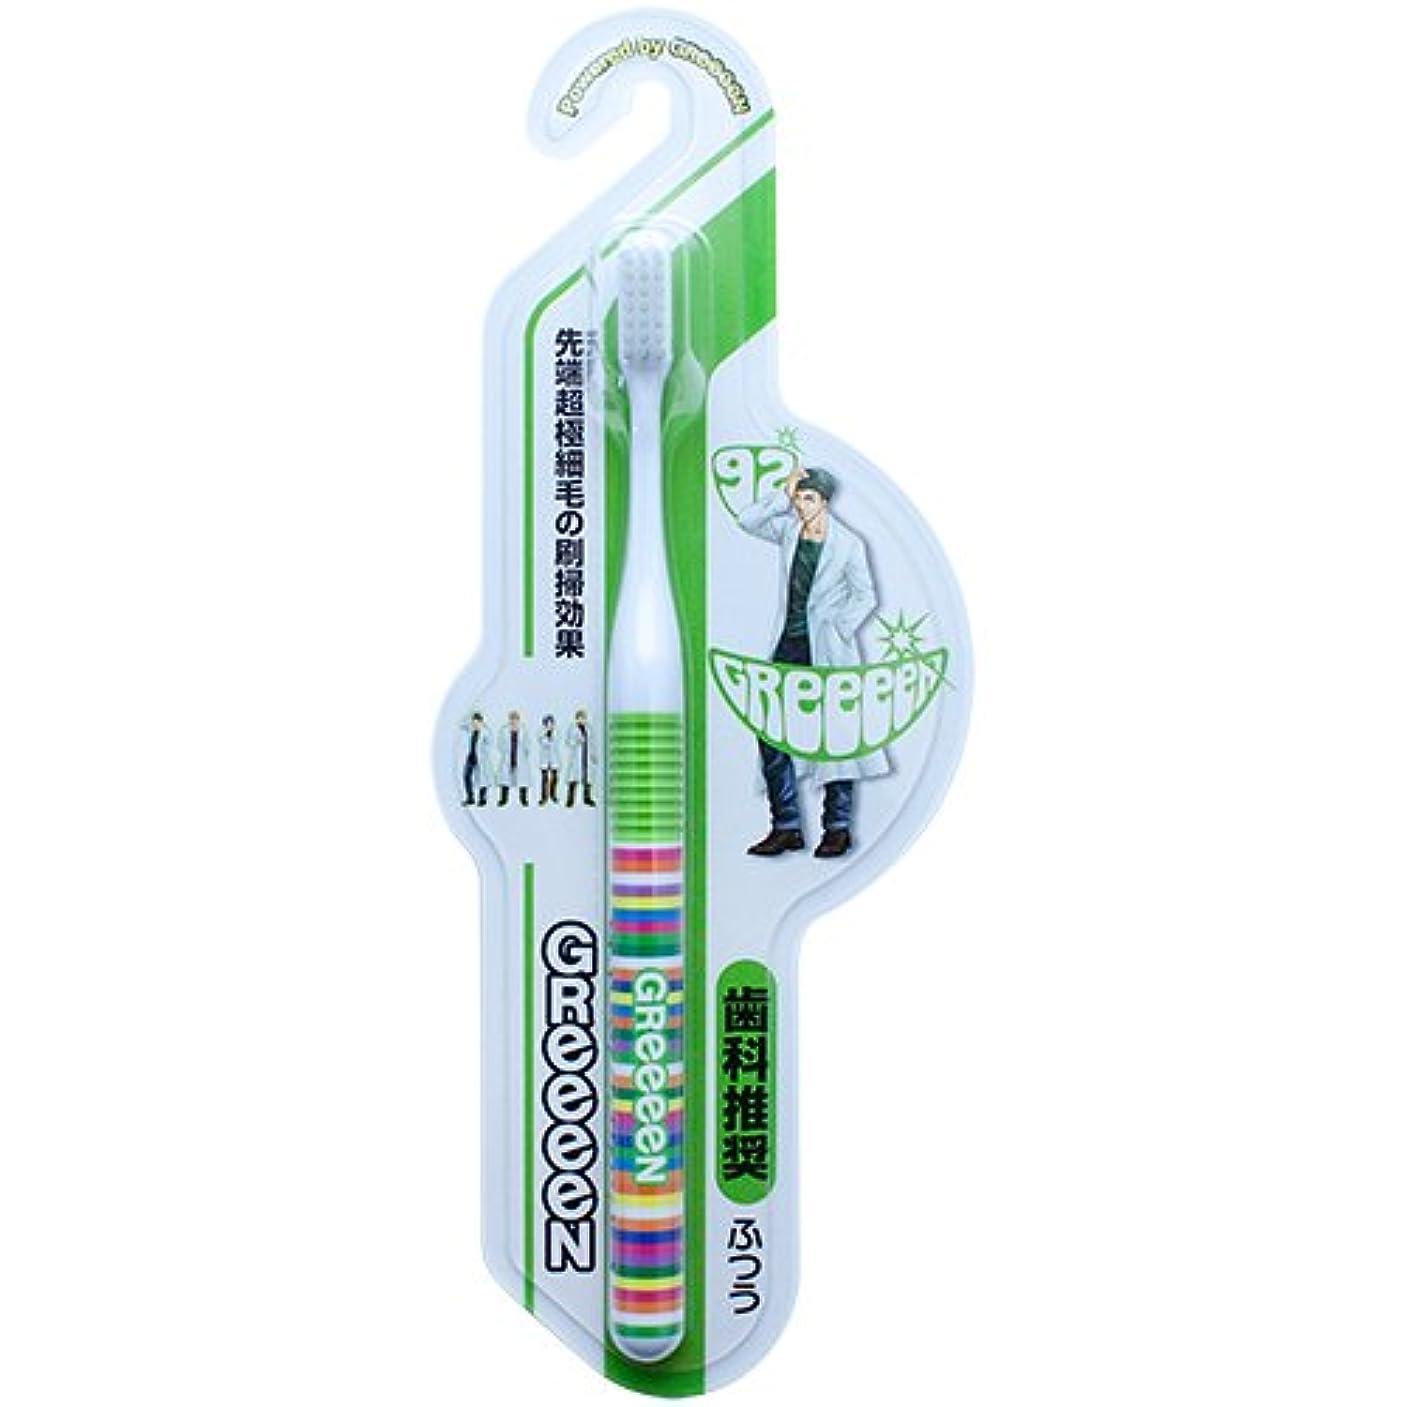 どうやら規制護衛GReeeeN 3列ヘッドラバーグリップ超極細毛歯ブラシ SIRO 92 1本